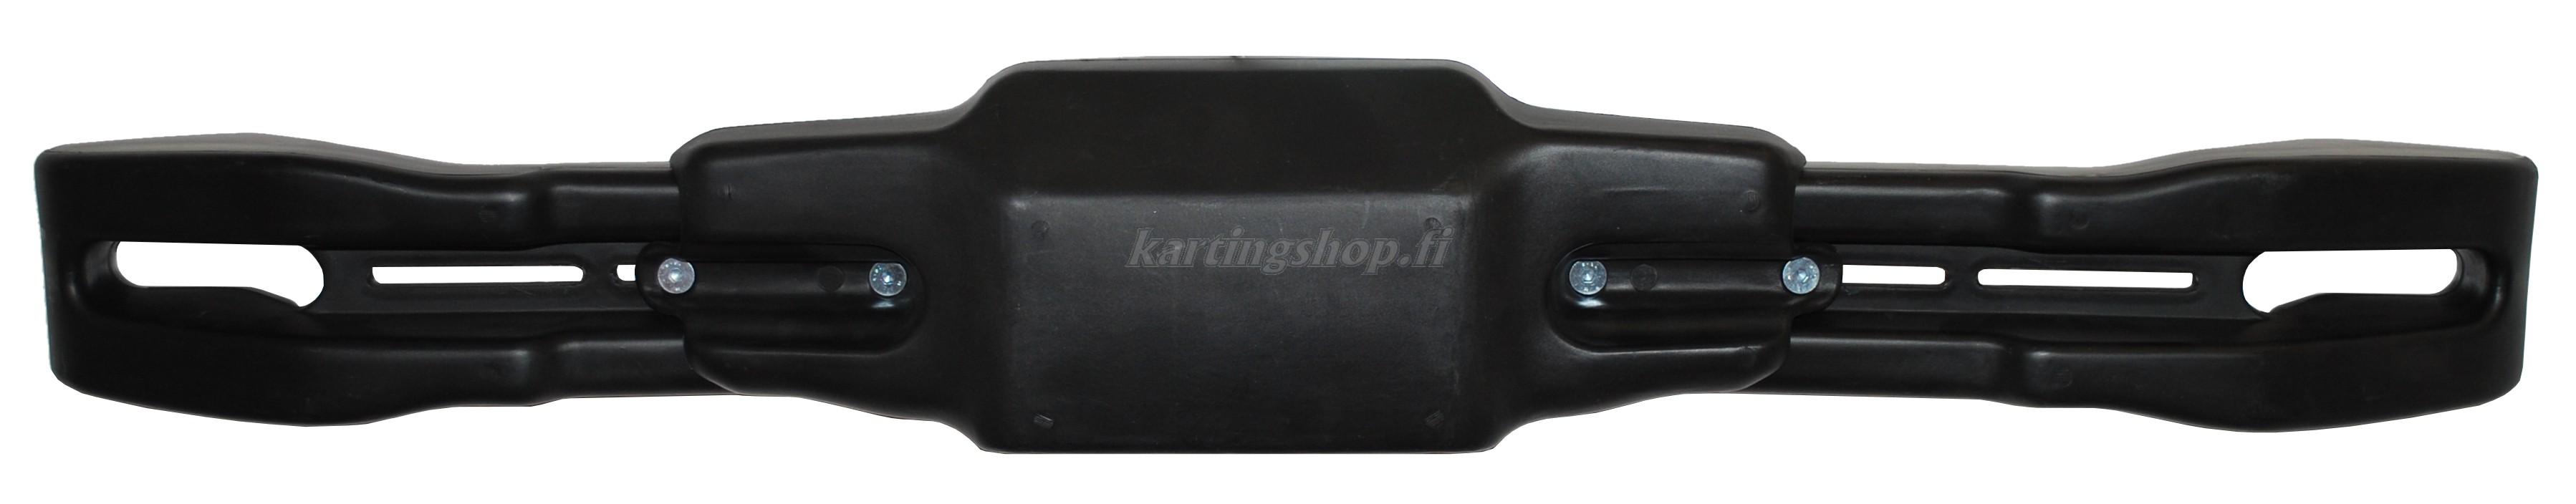 Takapuskuri säädettävä pikkurunkoihin lev. 99,5-117,5cm Mad-Croc Karting 120300